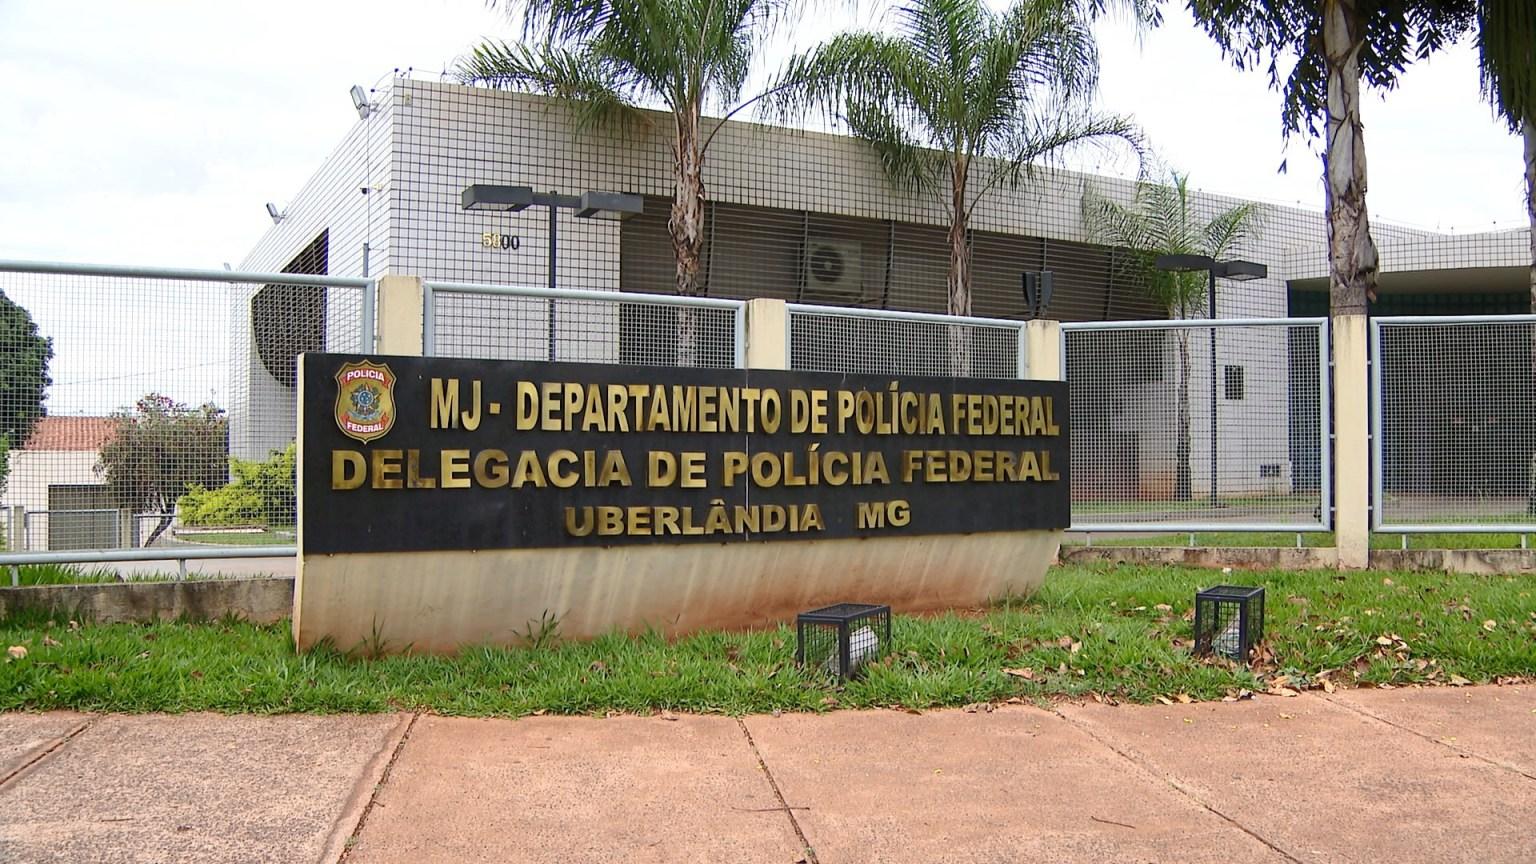 141755 organizacao criminosa que produzia remedios proibidos para emagrecer em uberlandia e alvo da policia federal